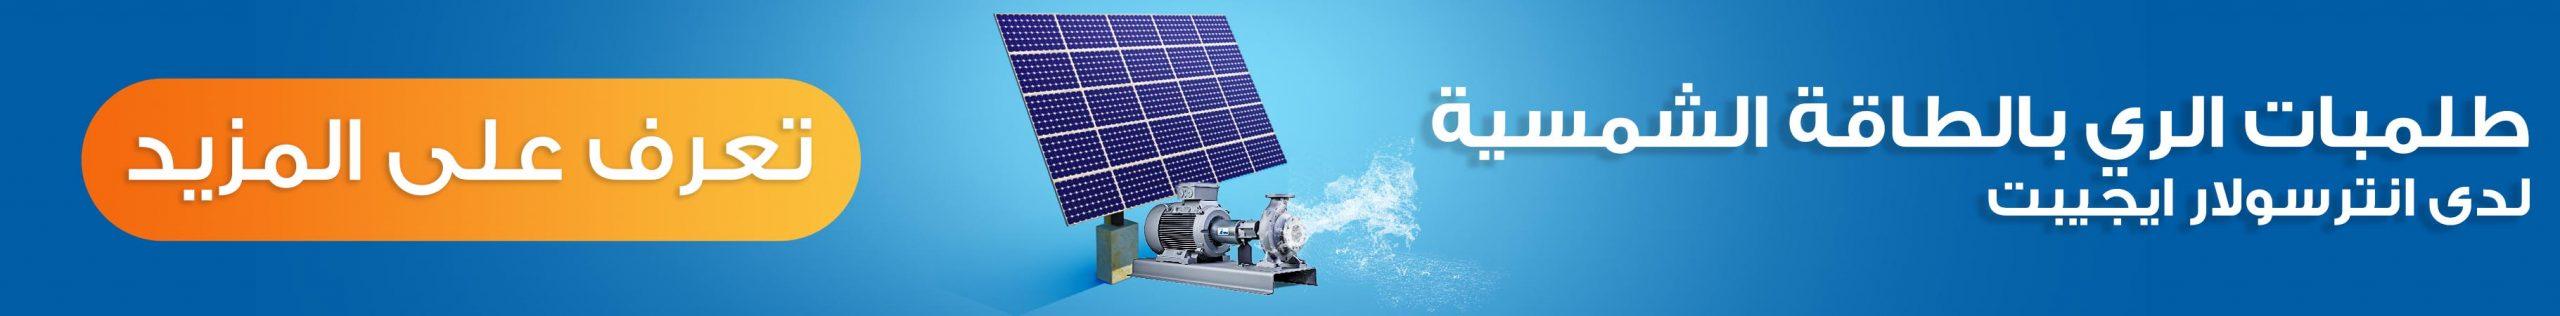 طلمبات الري بالطاقة الشمسية